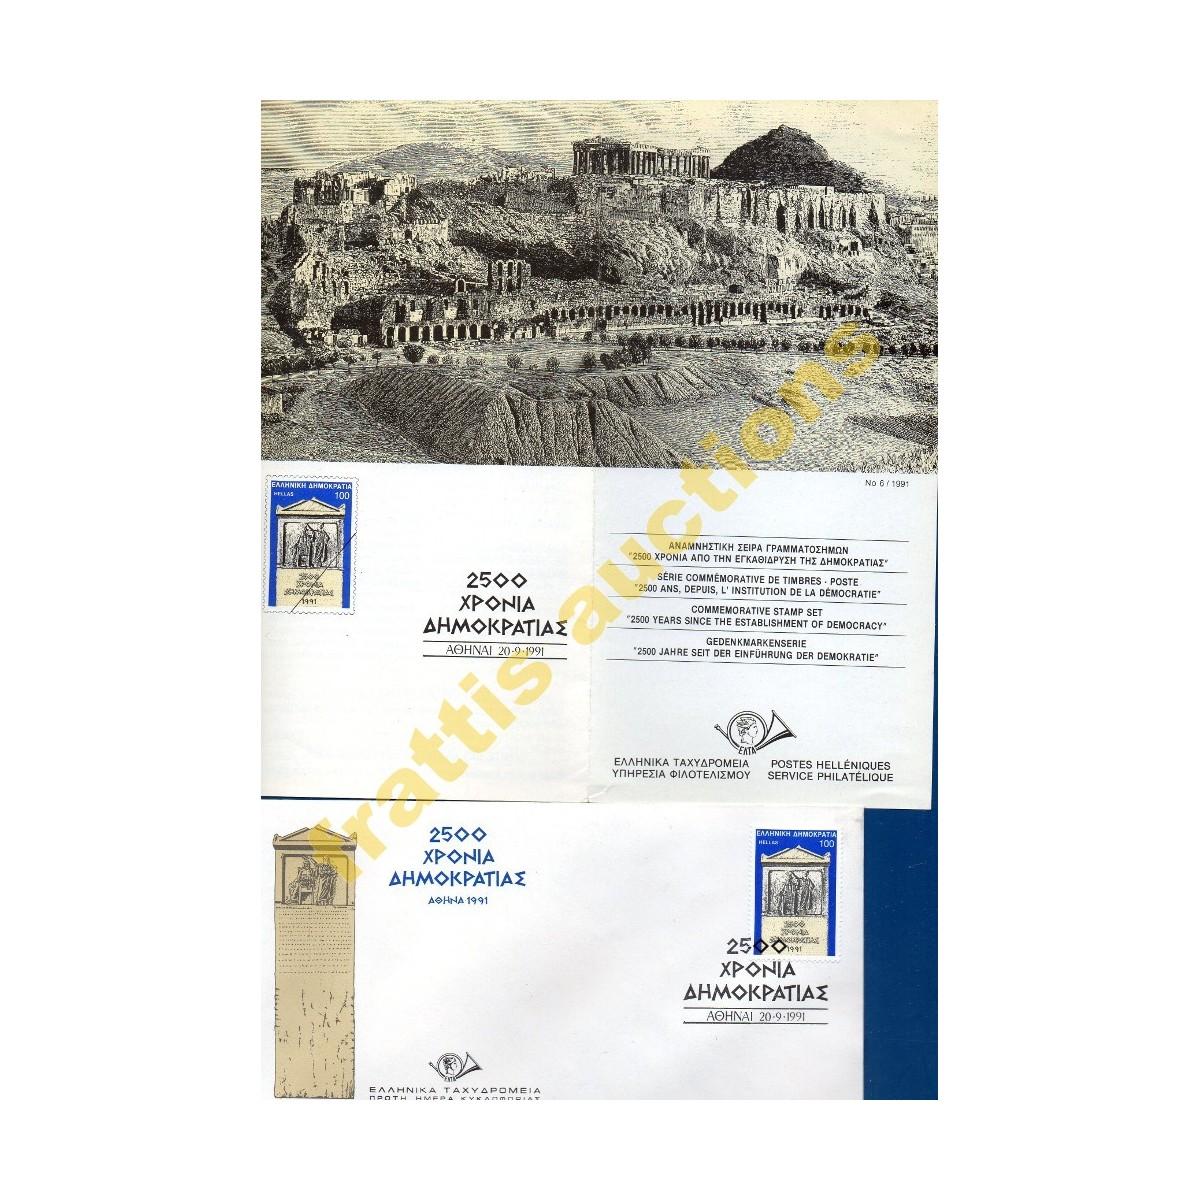 Φάκελος ΕΛΤΑ 1ης ημέρας, 2500 χρόνια Δημοκρατίας.